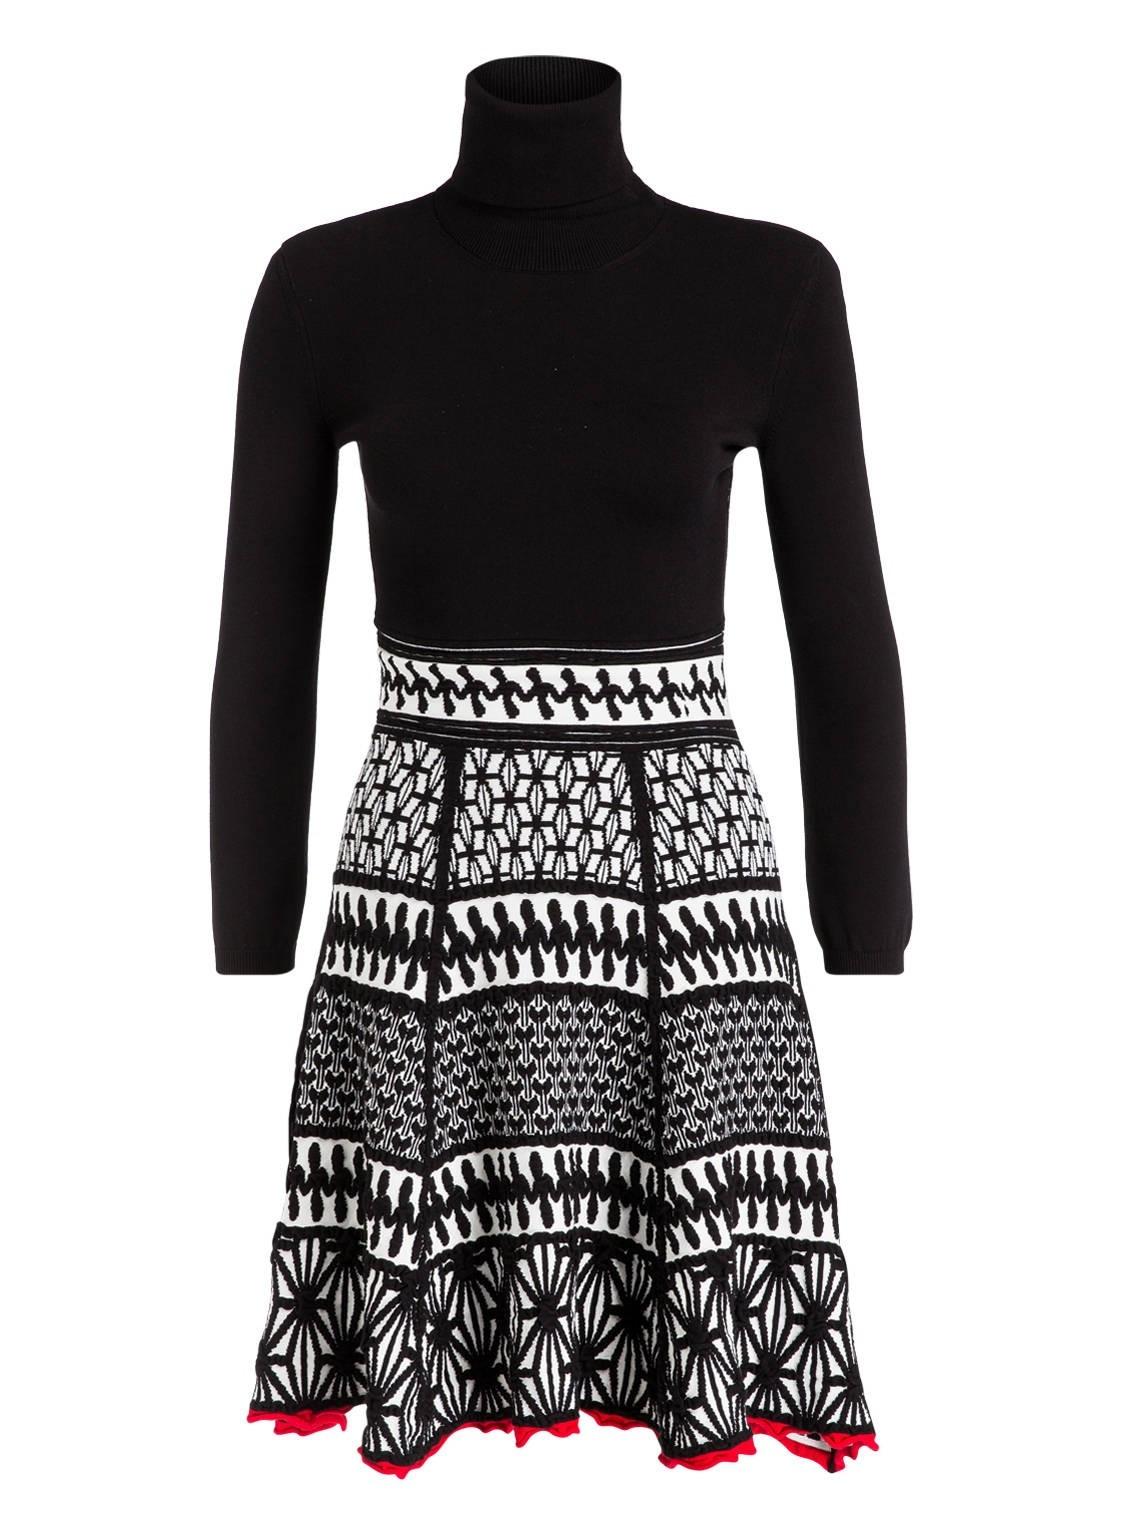 Abend Elegant Online Shop Kleider Boutique15 Kreativ Online Shop Kleider Vertrieb